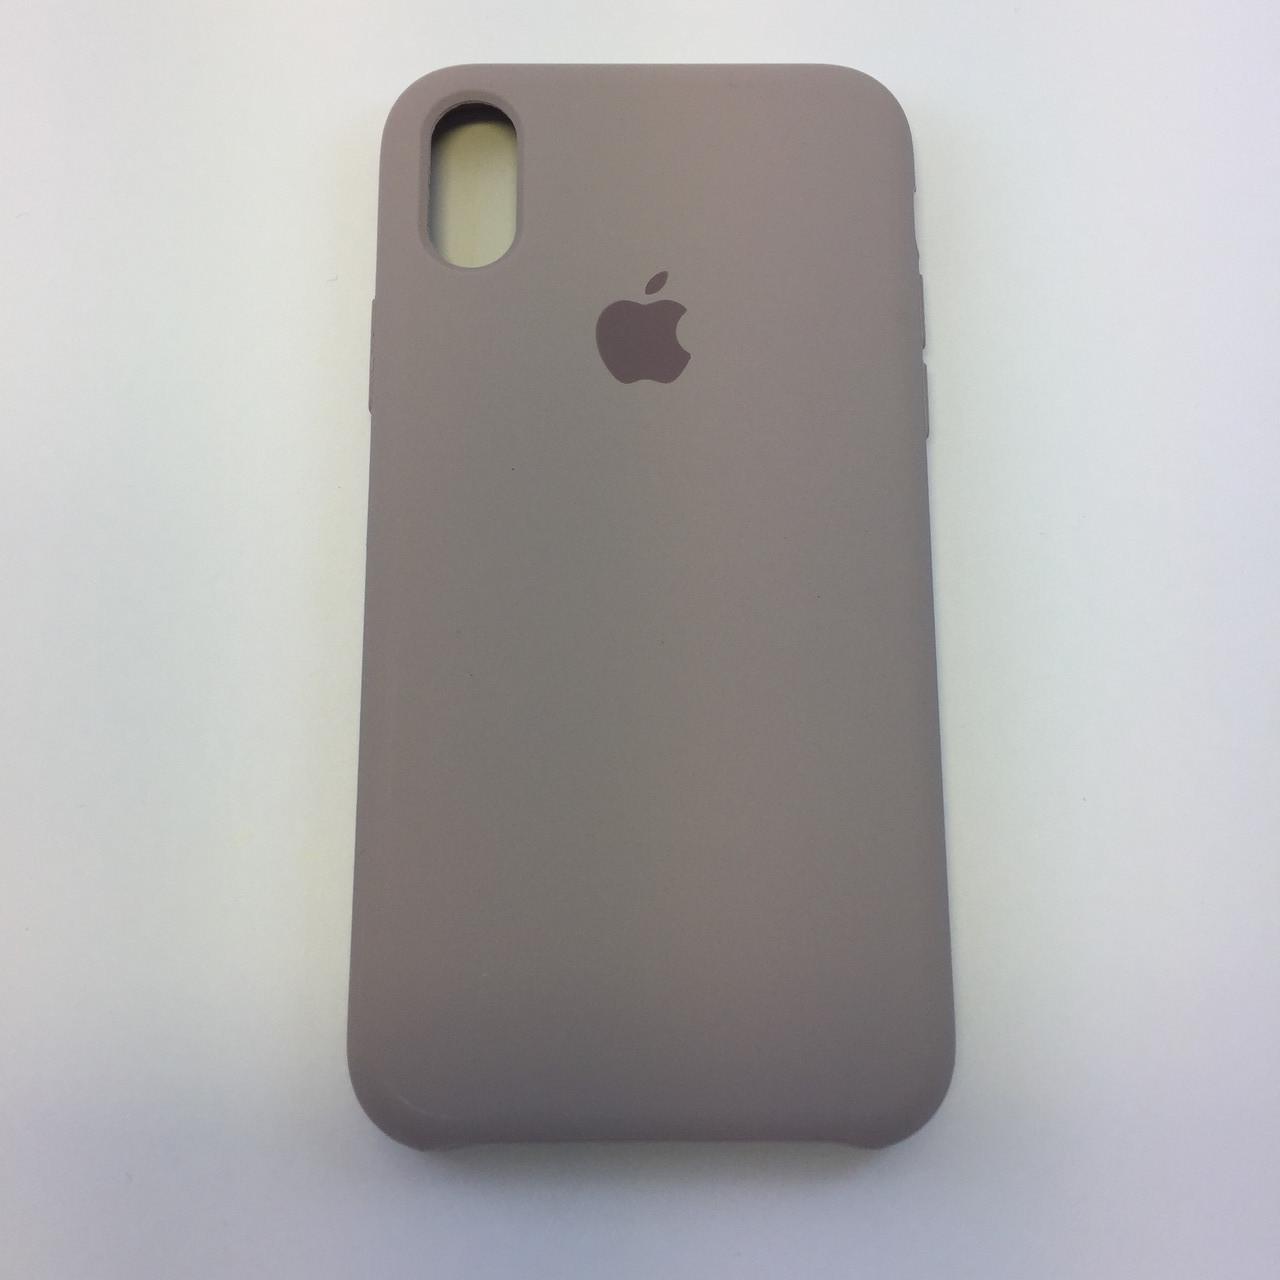 """Чехол - Silicon Case для iPhone """"Лаванда - №7"""" - copy orig."""